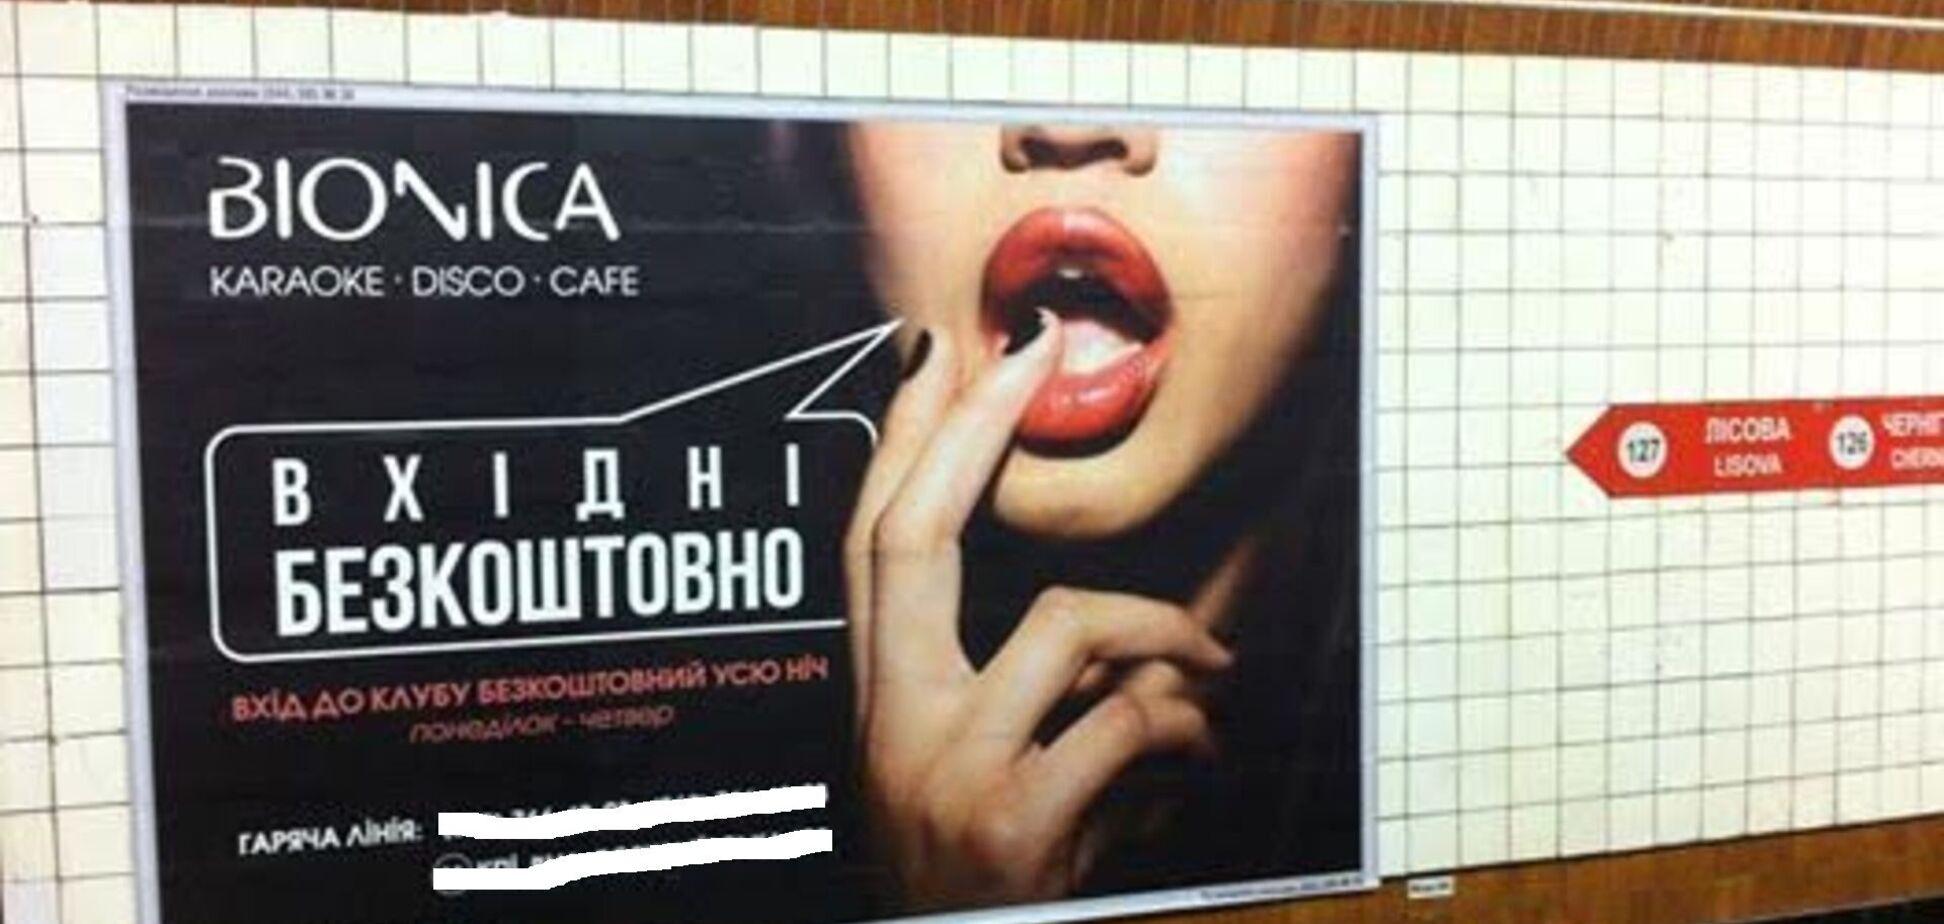 Жінка не аксесуар: ВР ухвалить зміни до закону 'Про рекламу'